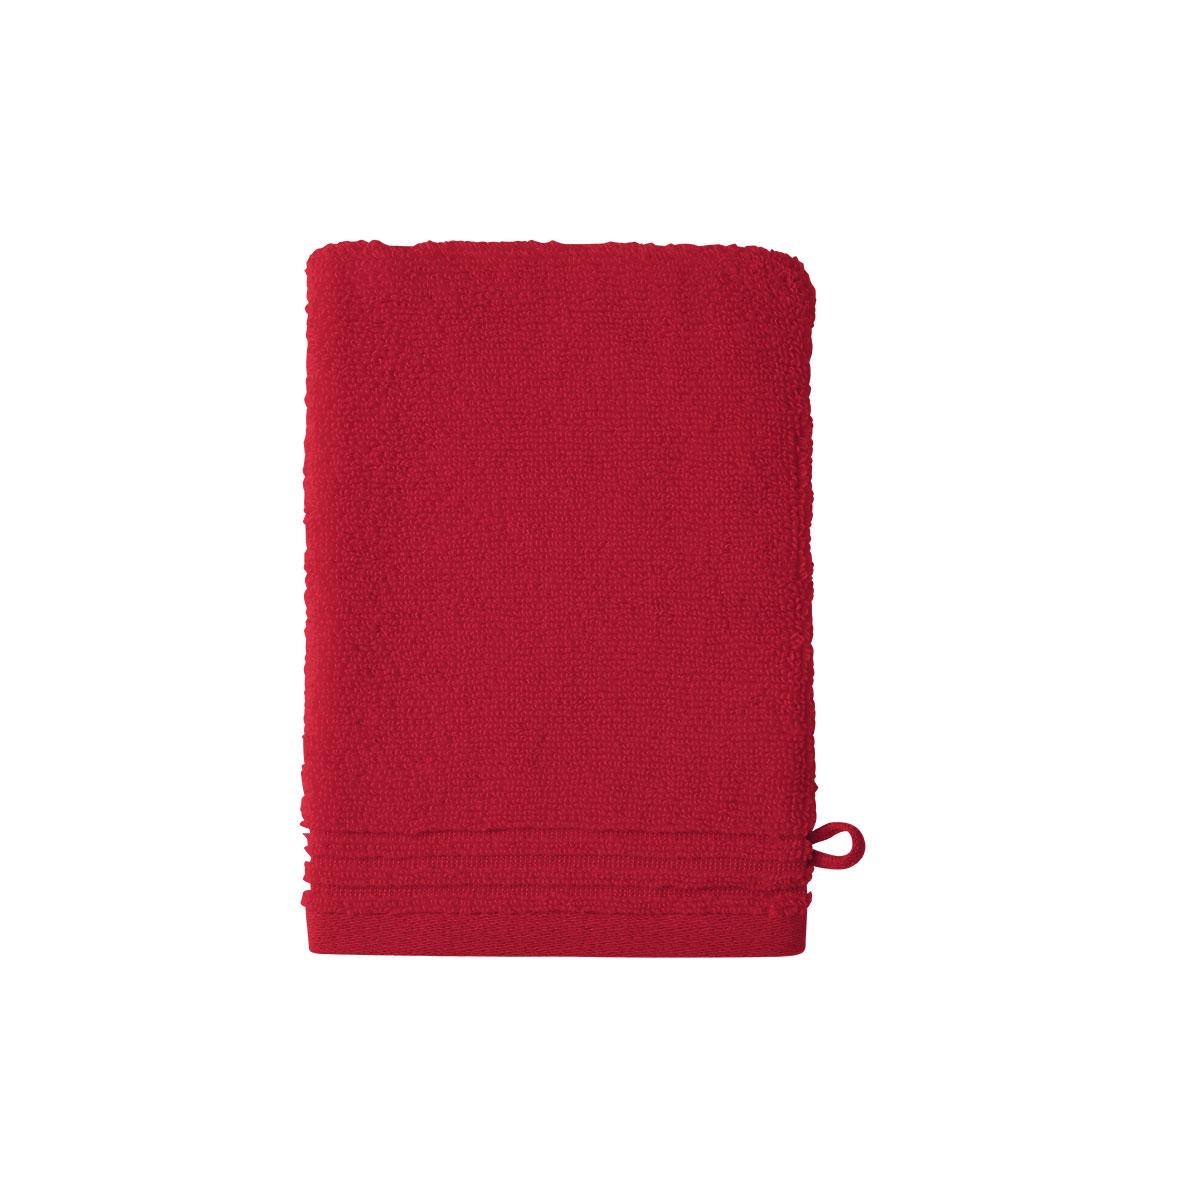 Gant de toilette coton peigné Rouge 15 x 21 cm